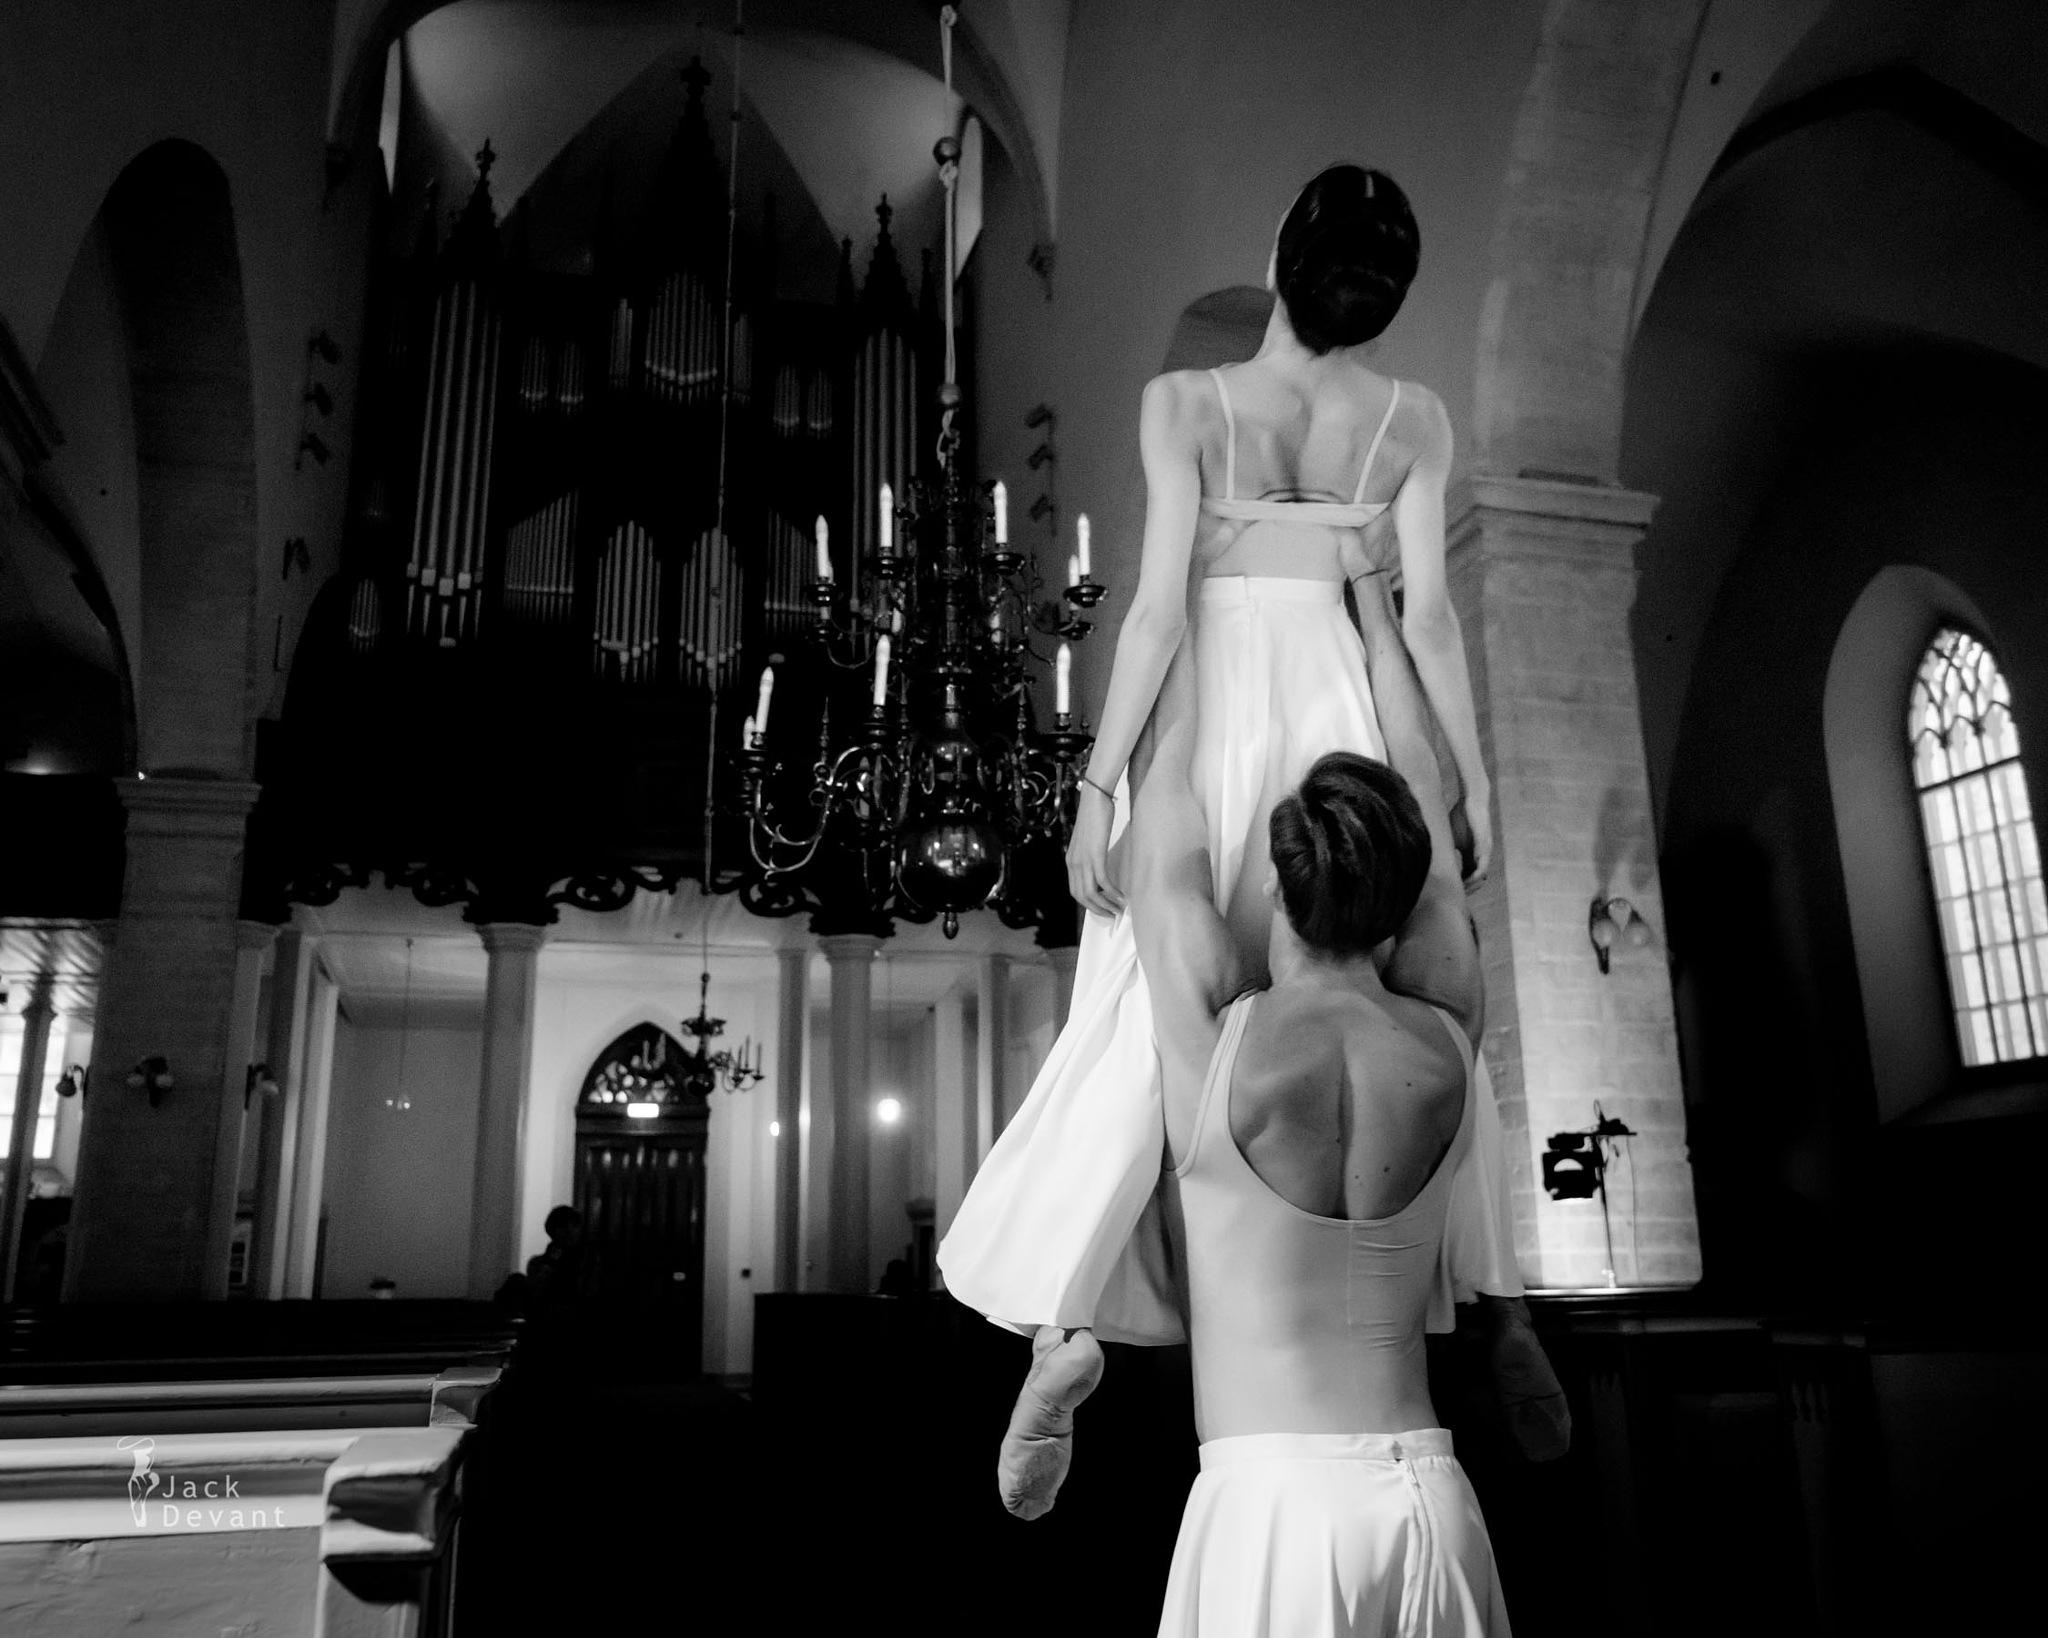 Lacrimosa by Jack Devant